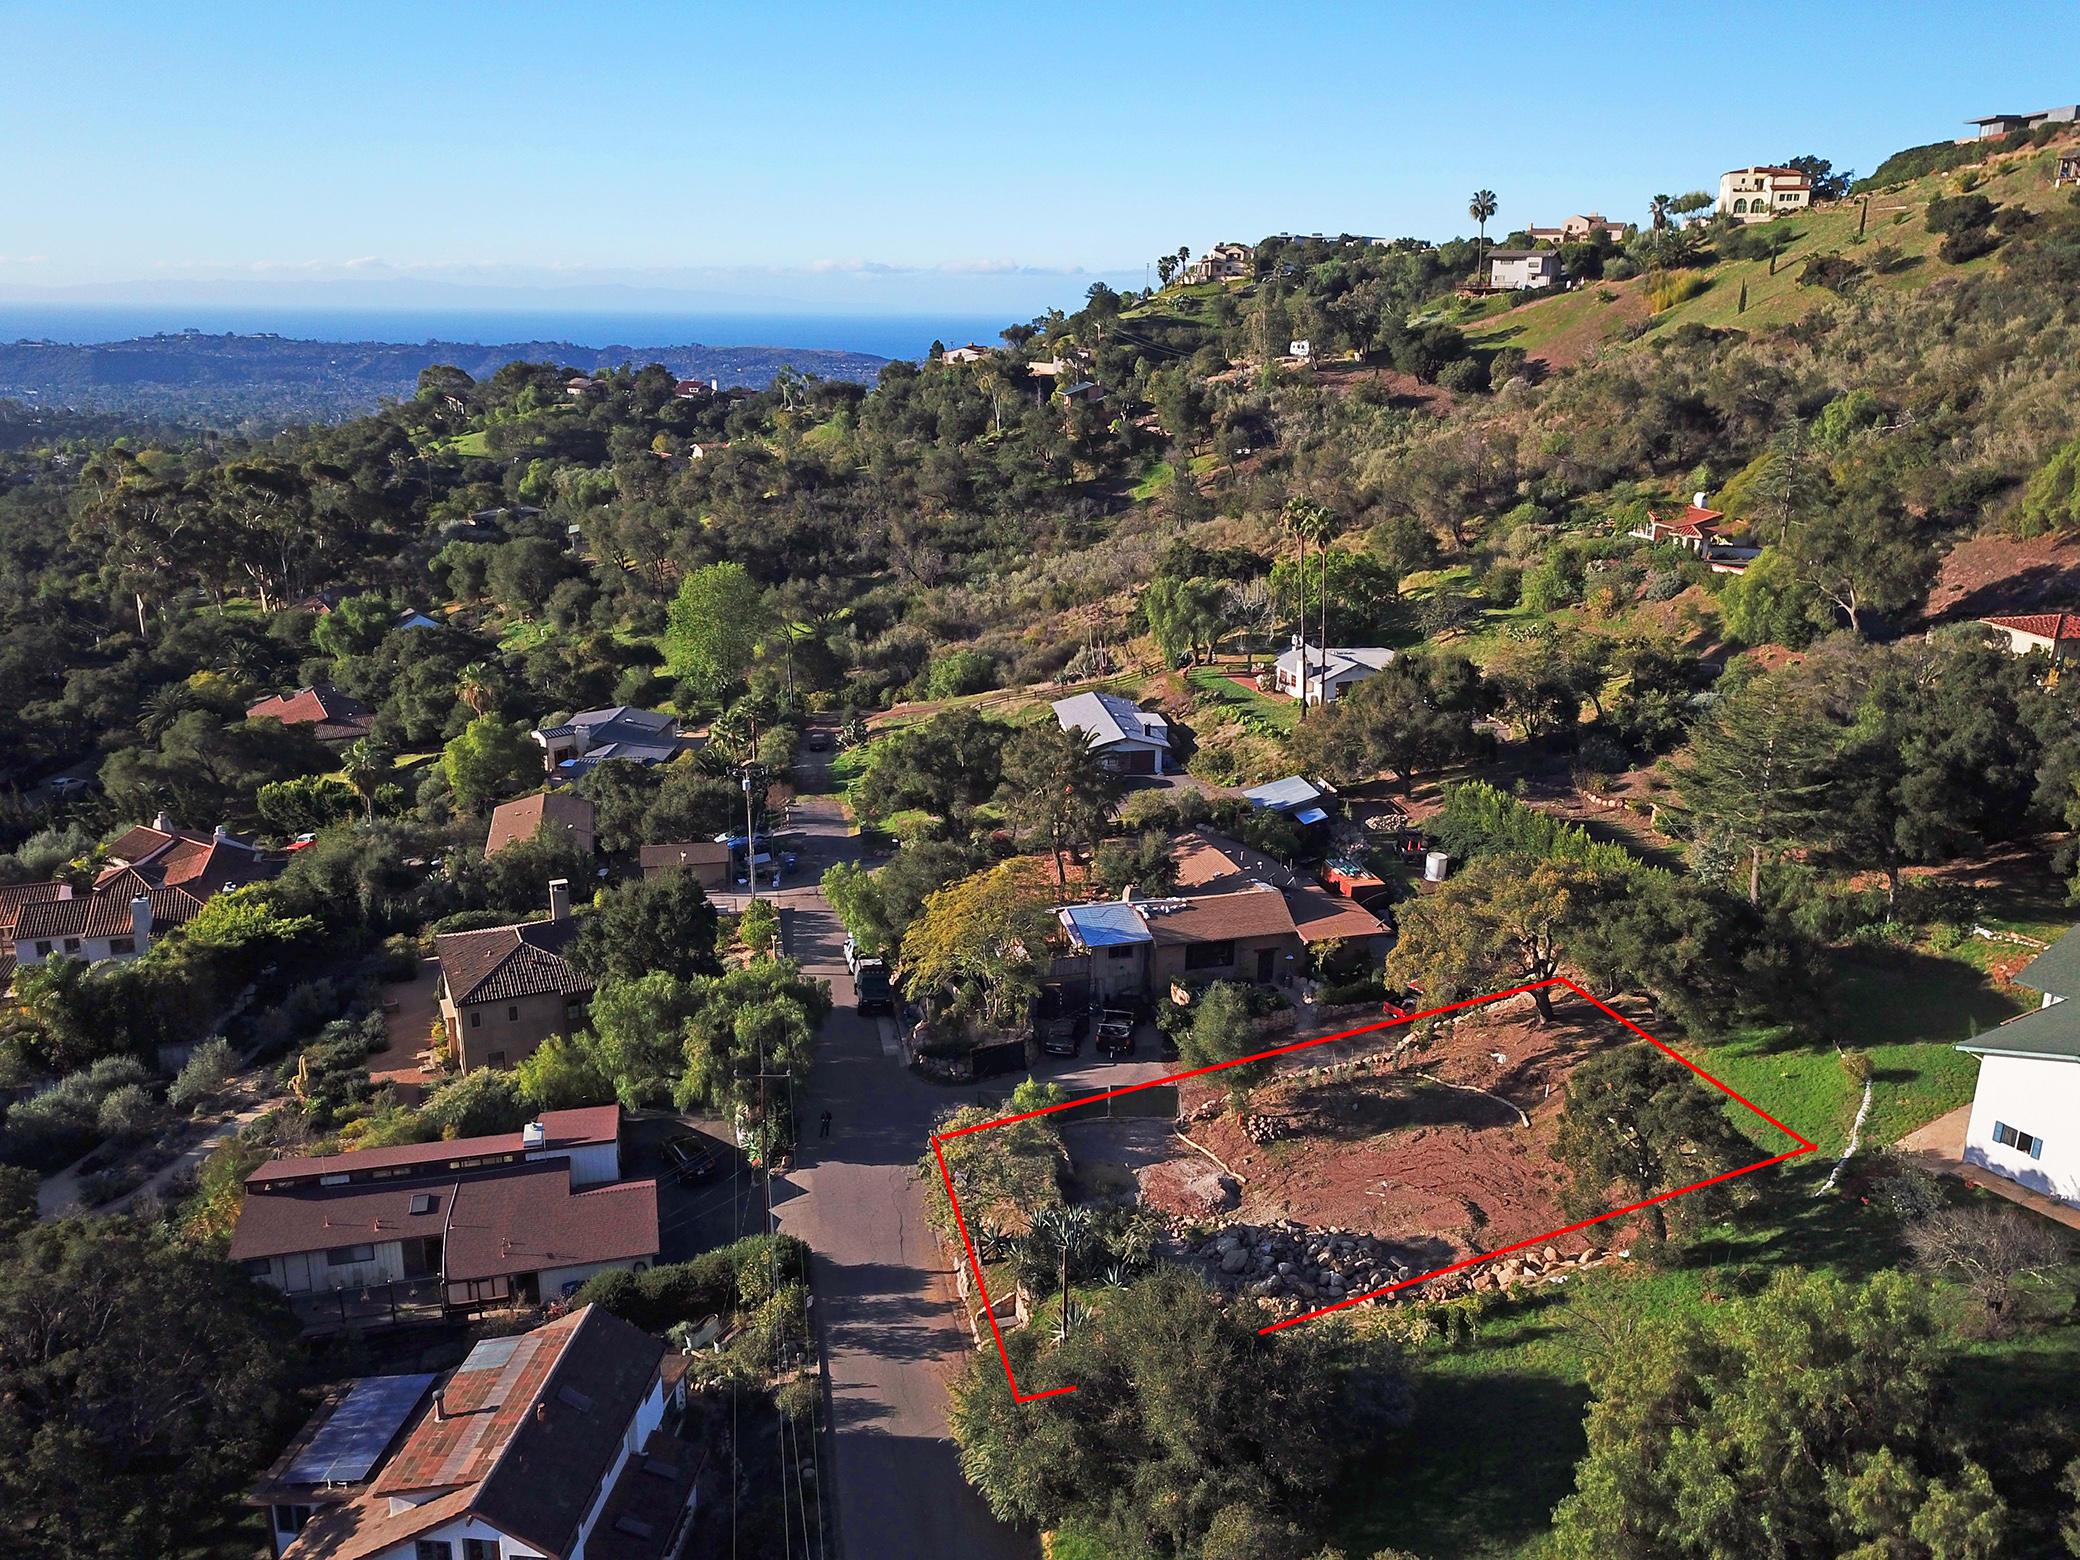 Property photo for 1453 Orange Grove Ave Santa Barbara, California 93105 - 18-525